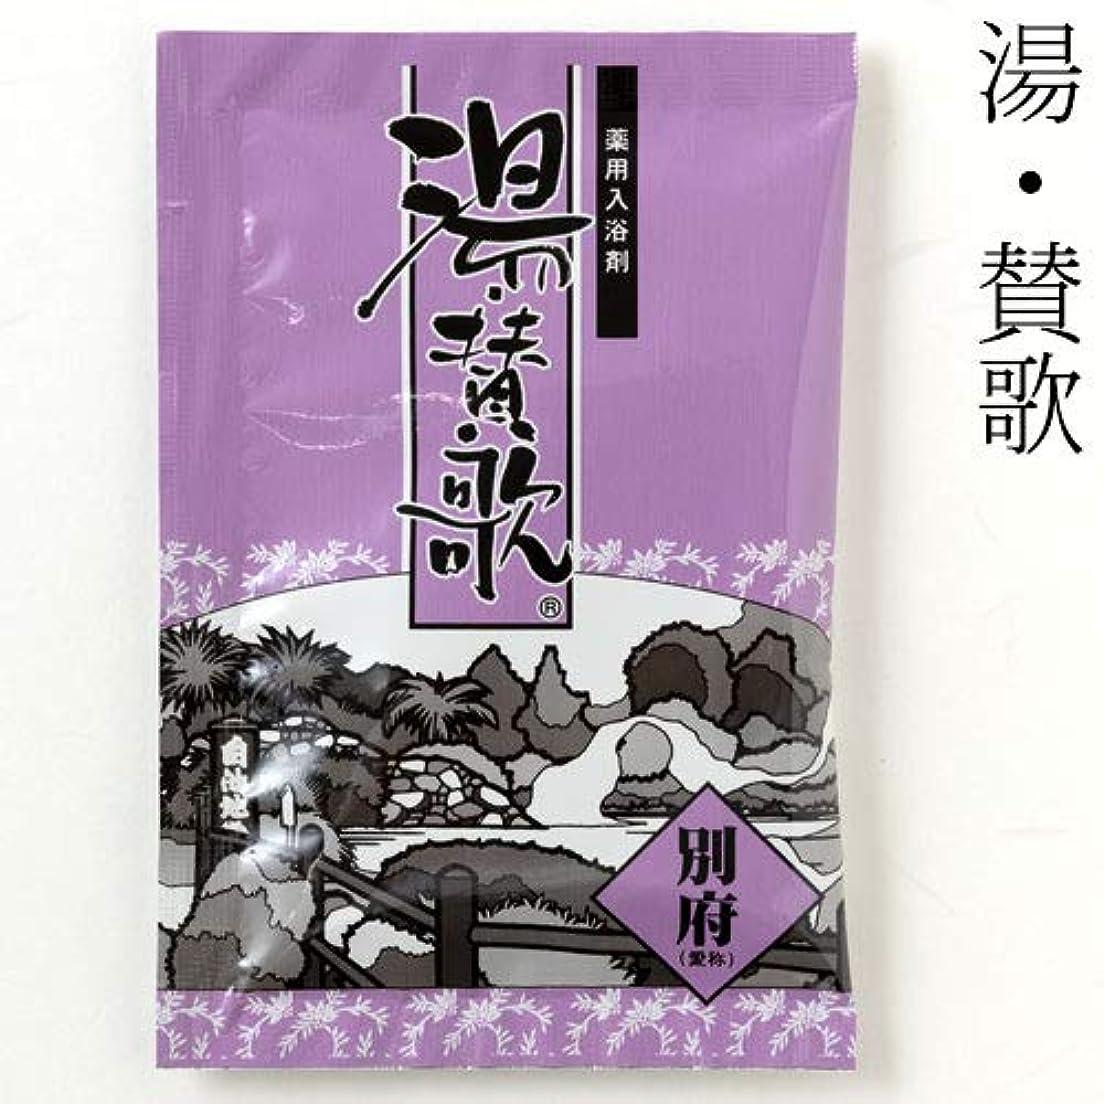 遠いタイル着替える入浴剤湯?賛歌別府1包石川県のお風呂グッズBath additive, Ishikawa craft